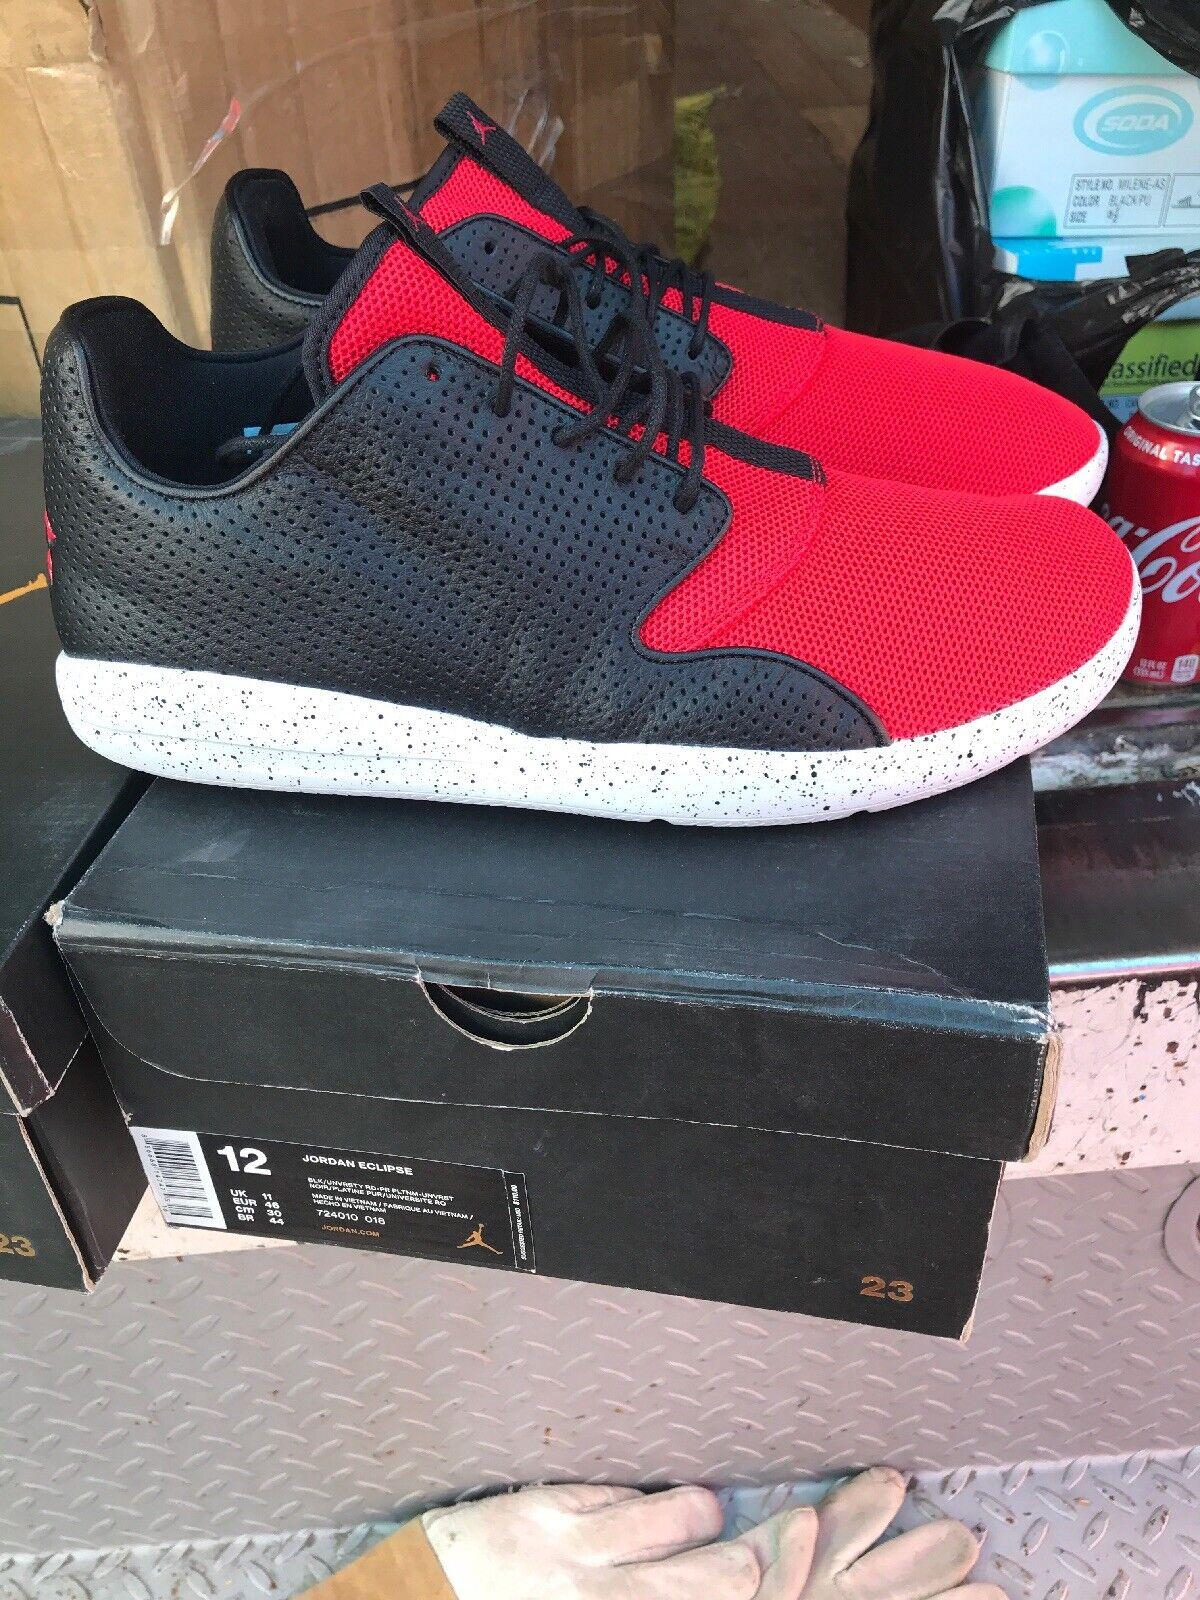 nouvelle arrivee 4bd7c 9aee7 Nouveau JORDAN pour Homme Basketball Chaussures 724010-018 ...